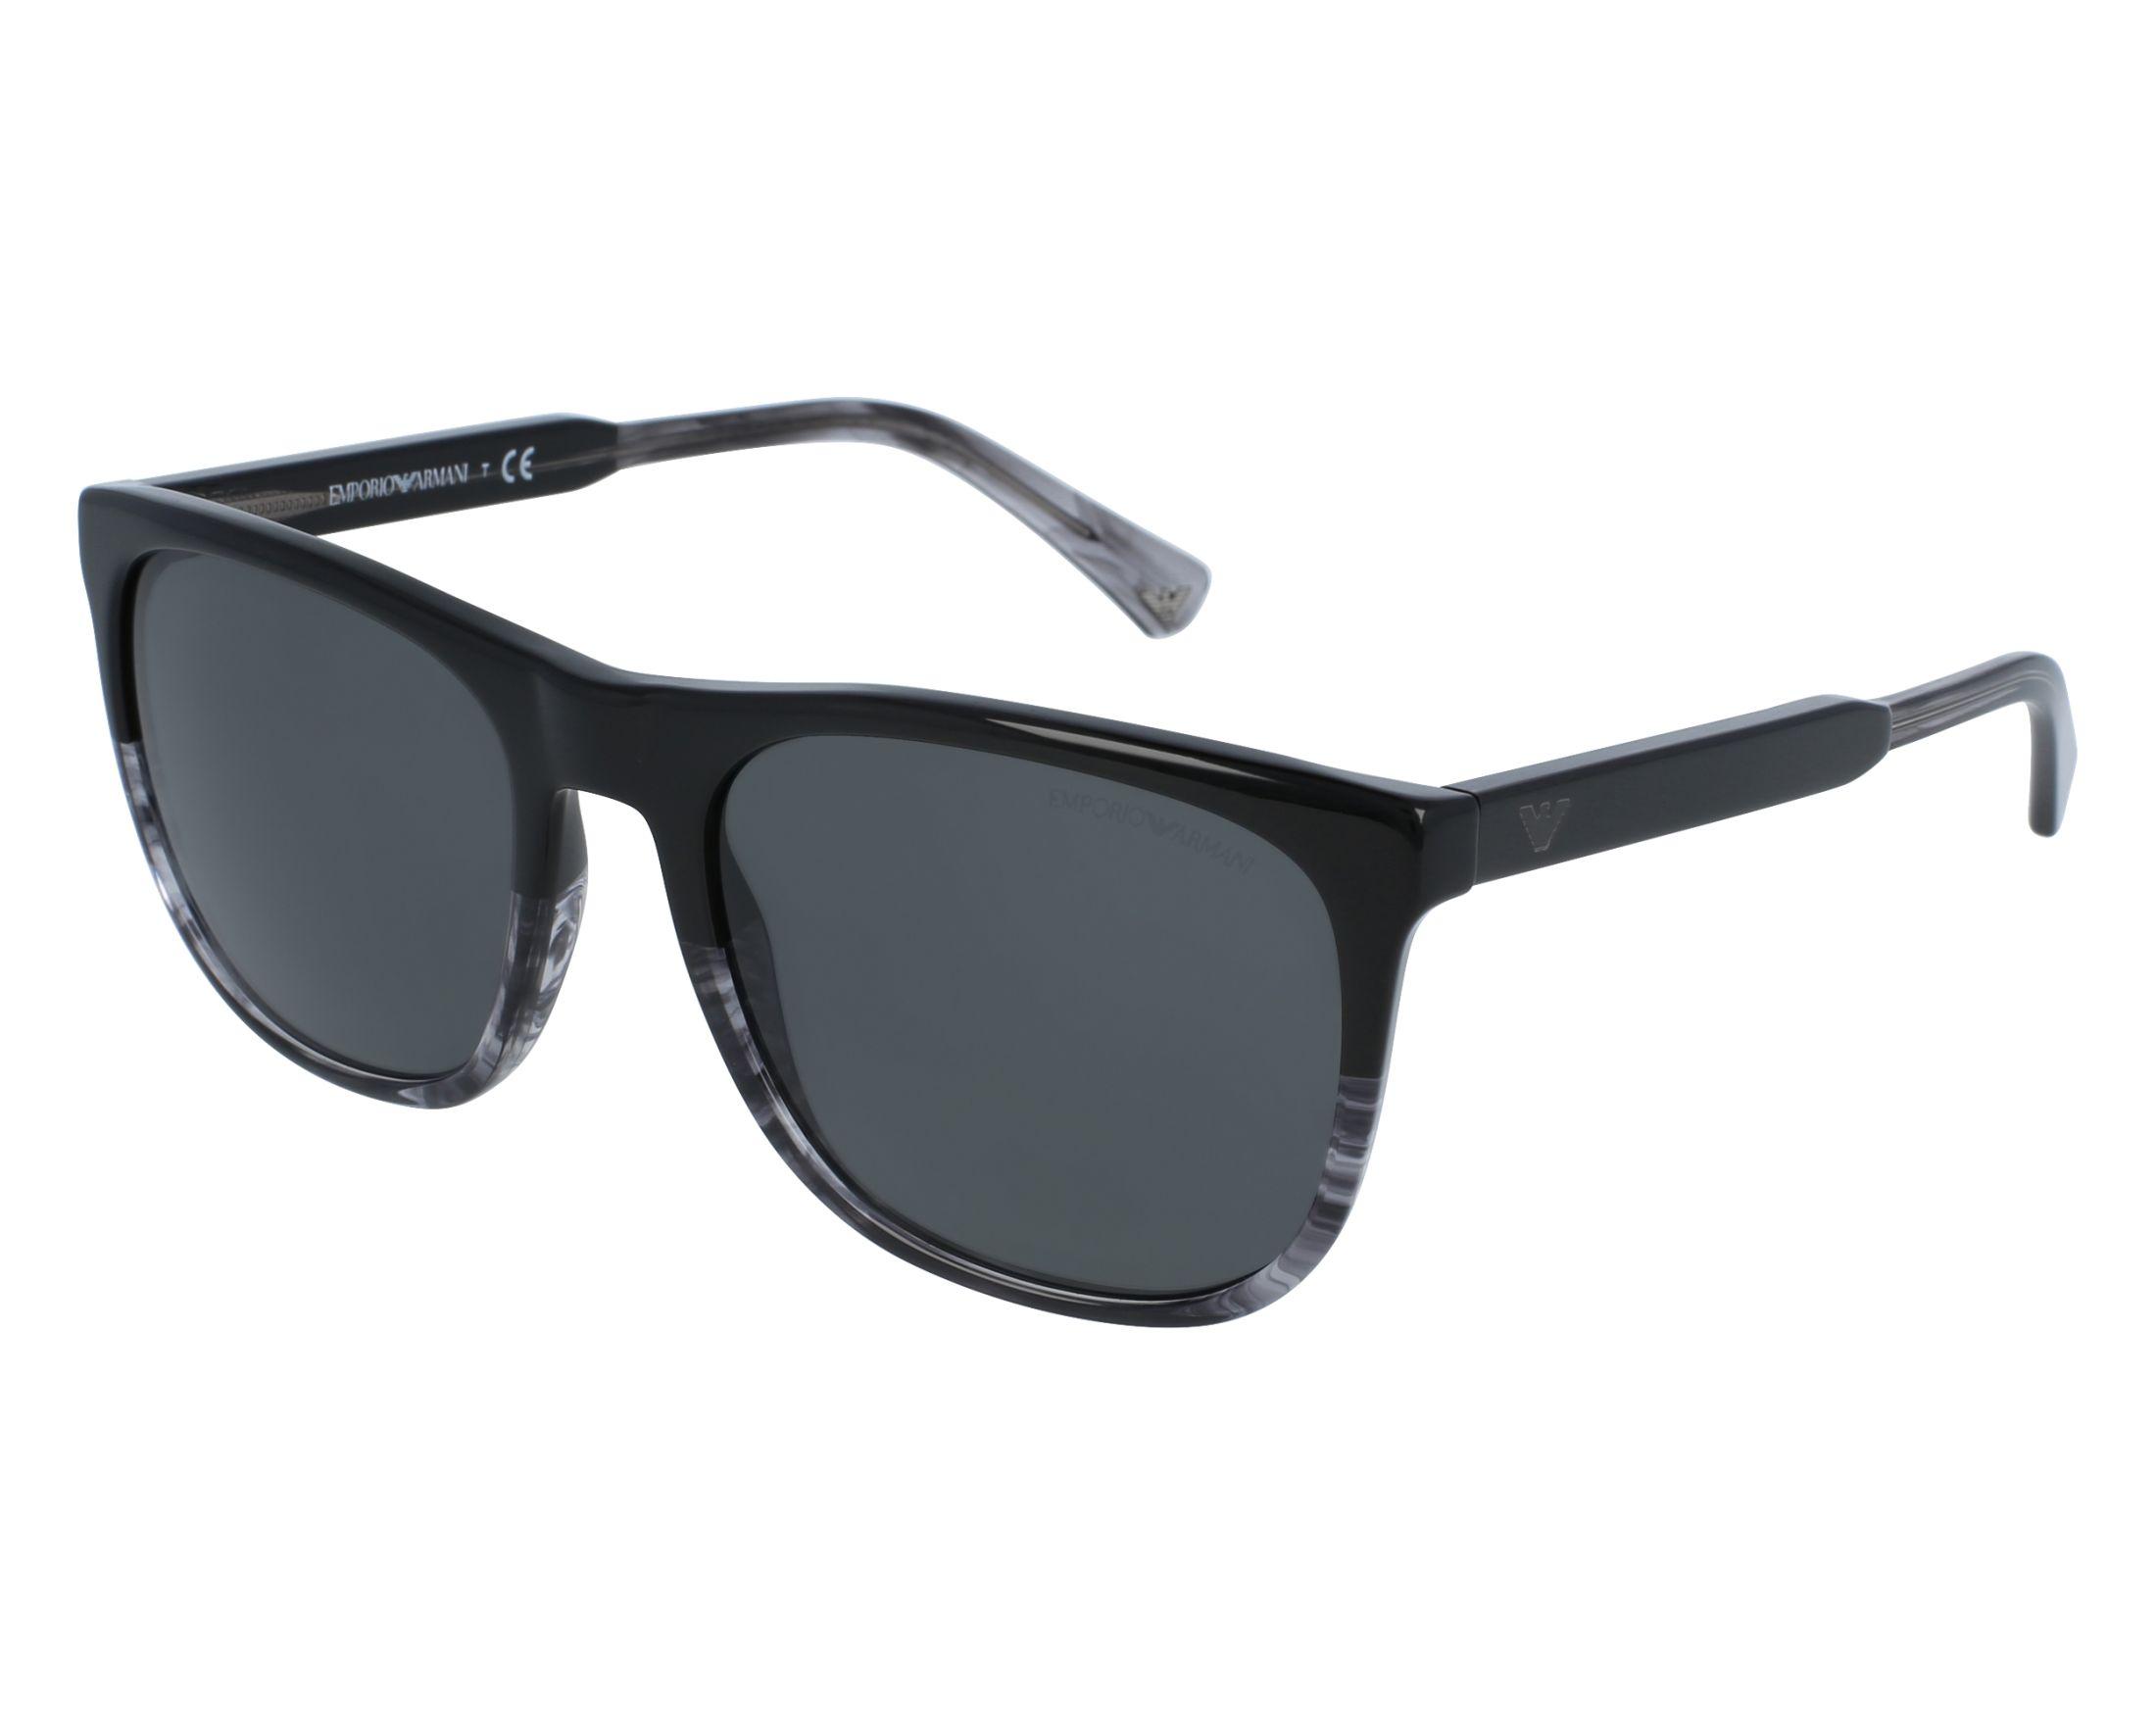 Sunglasses Emporio Armani EA-4099 5566 87 56-19 Black Grey front view 8183bc5b7c